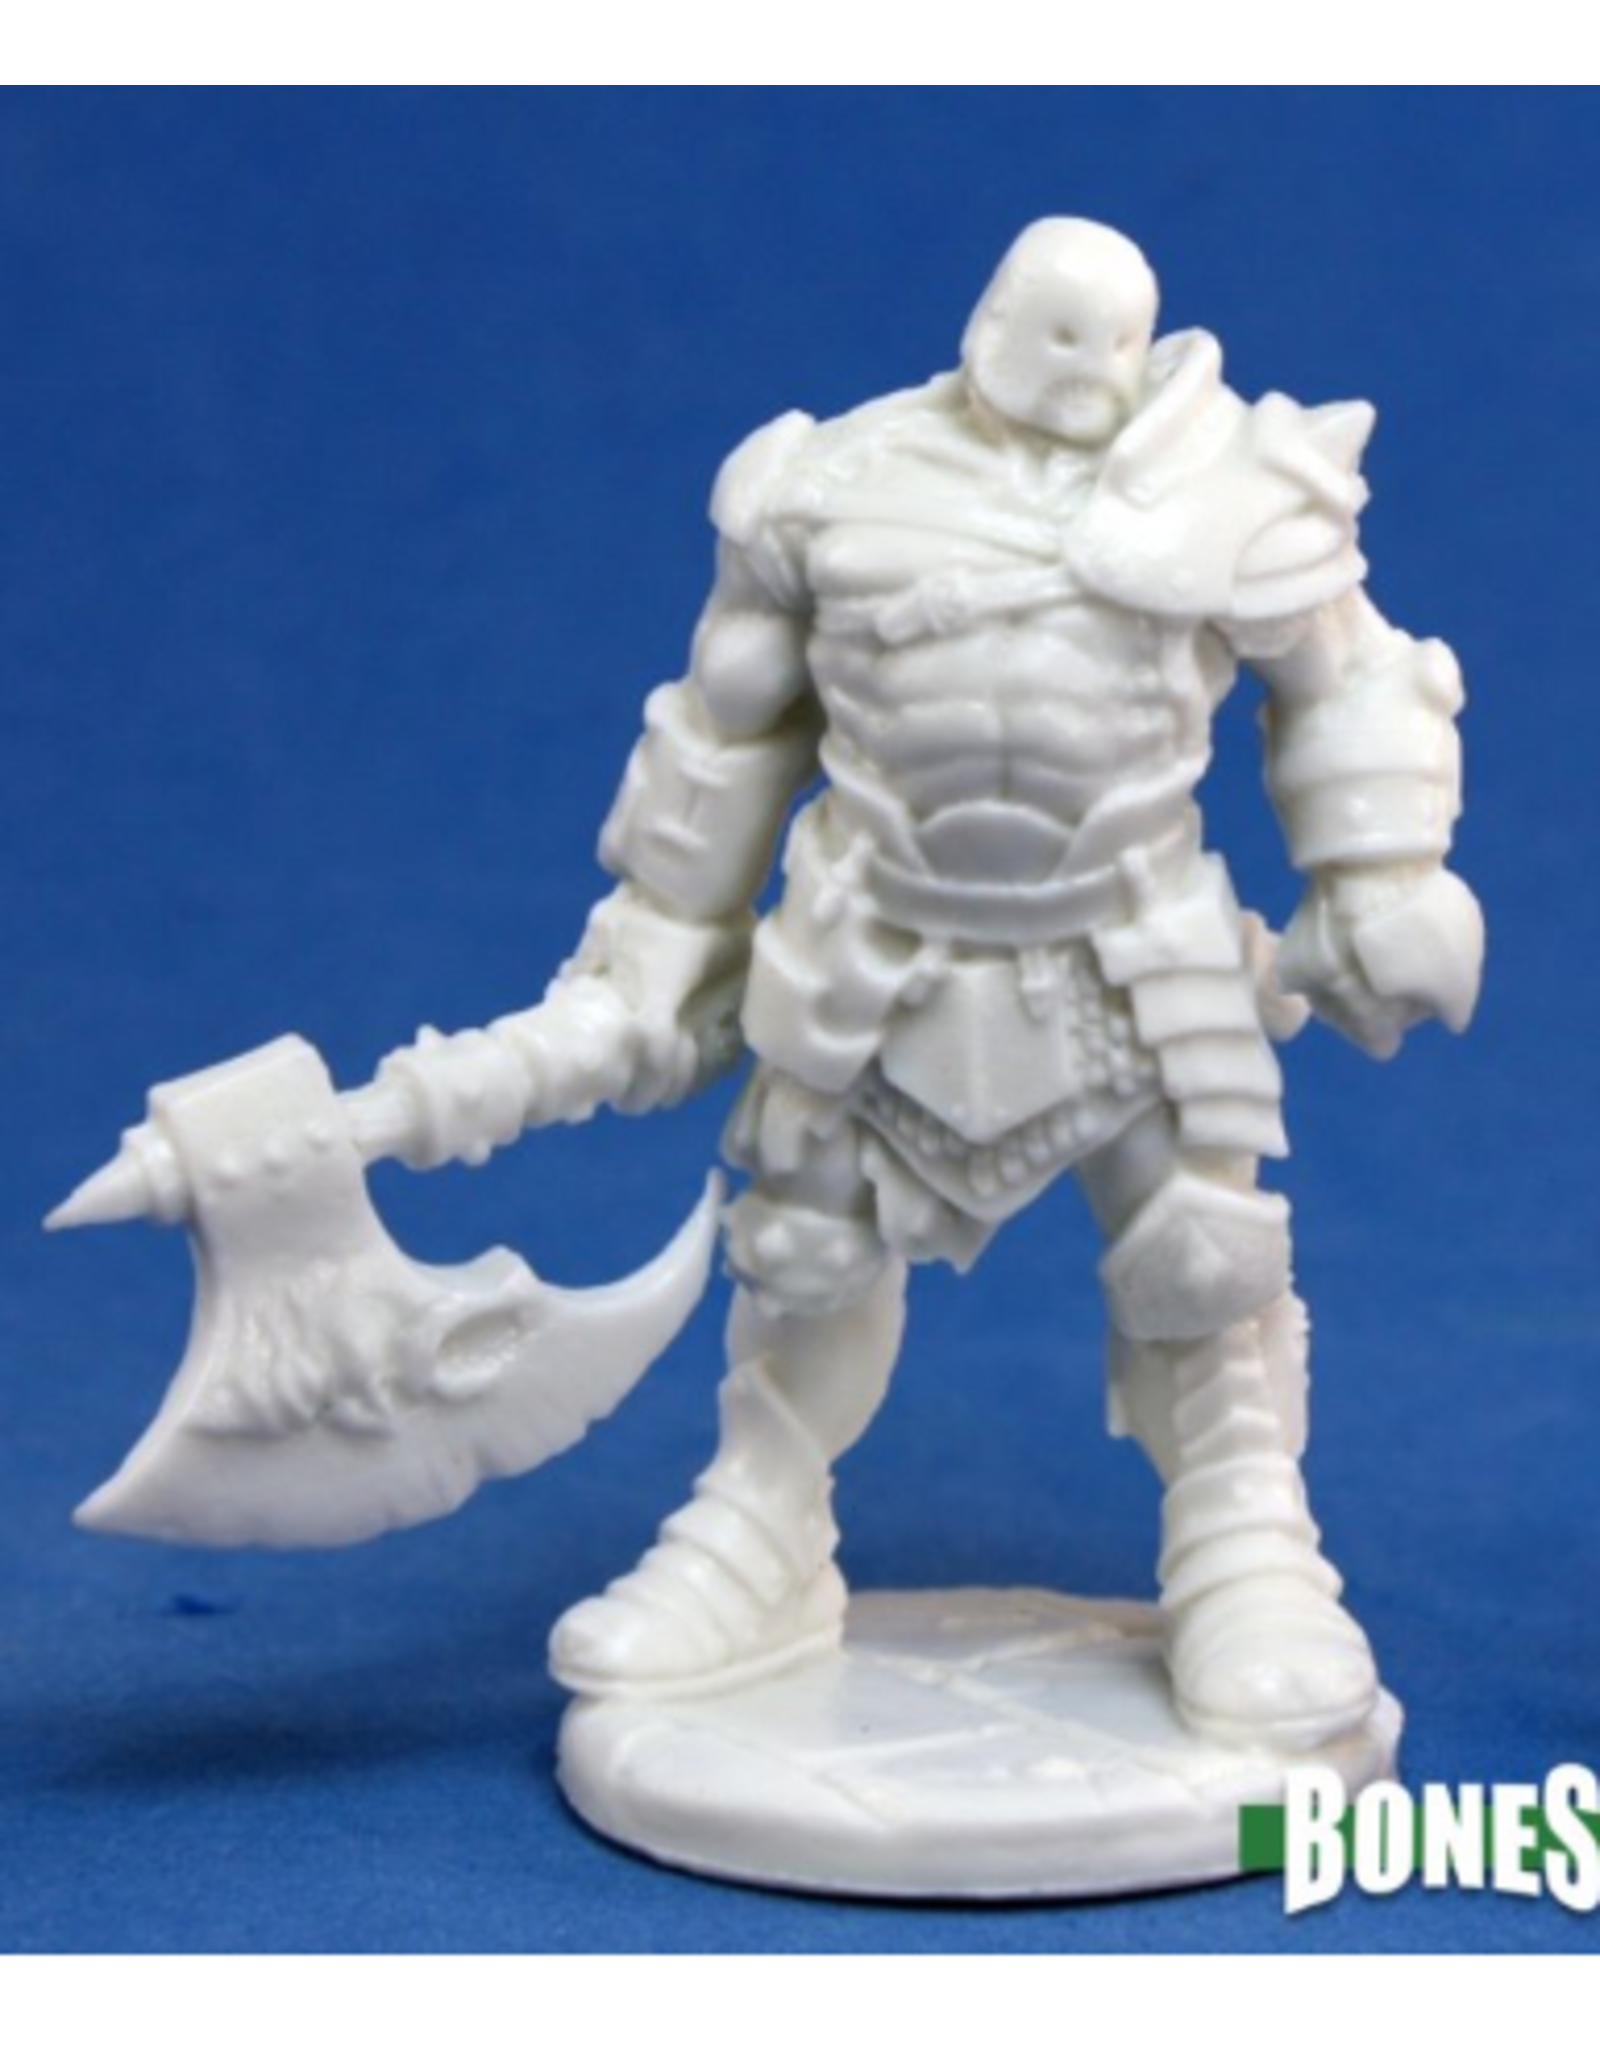 Reaper Dark Heaven Bones: Anval Thricedamned Evil Warrior